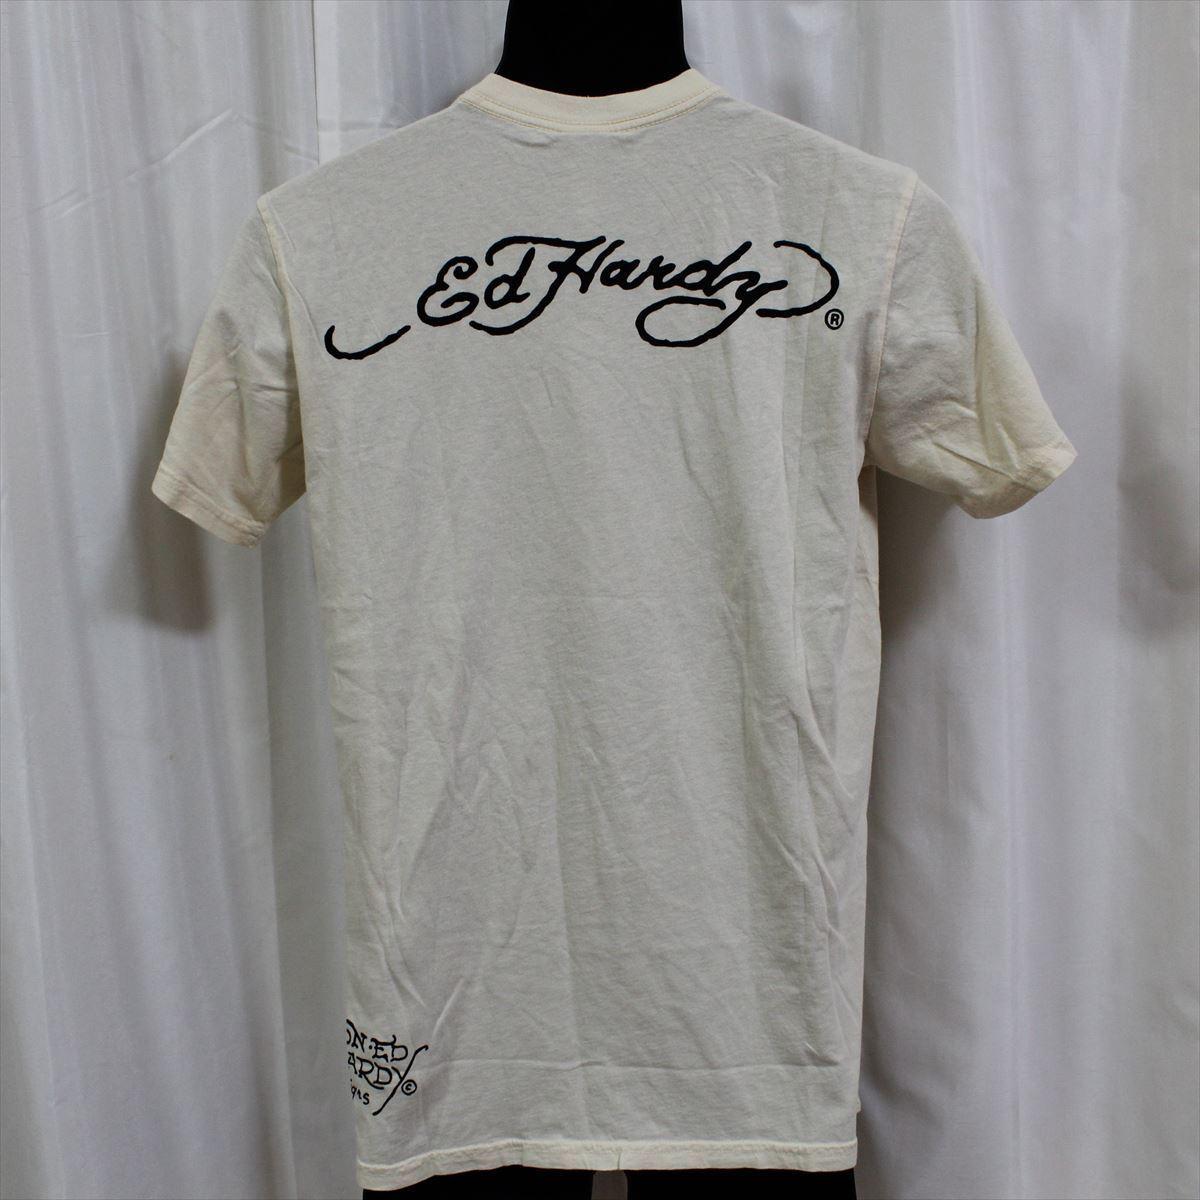 エドハーディー ED HARDY メンズ半袖Tシャツ サンドクリーム Sサイズ NO25 新品_画像4